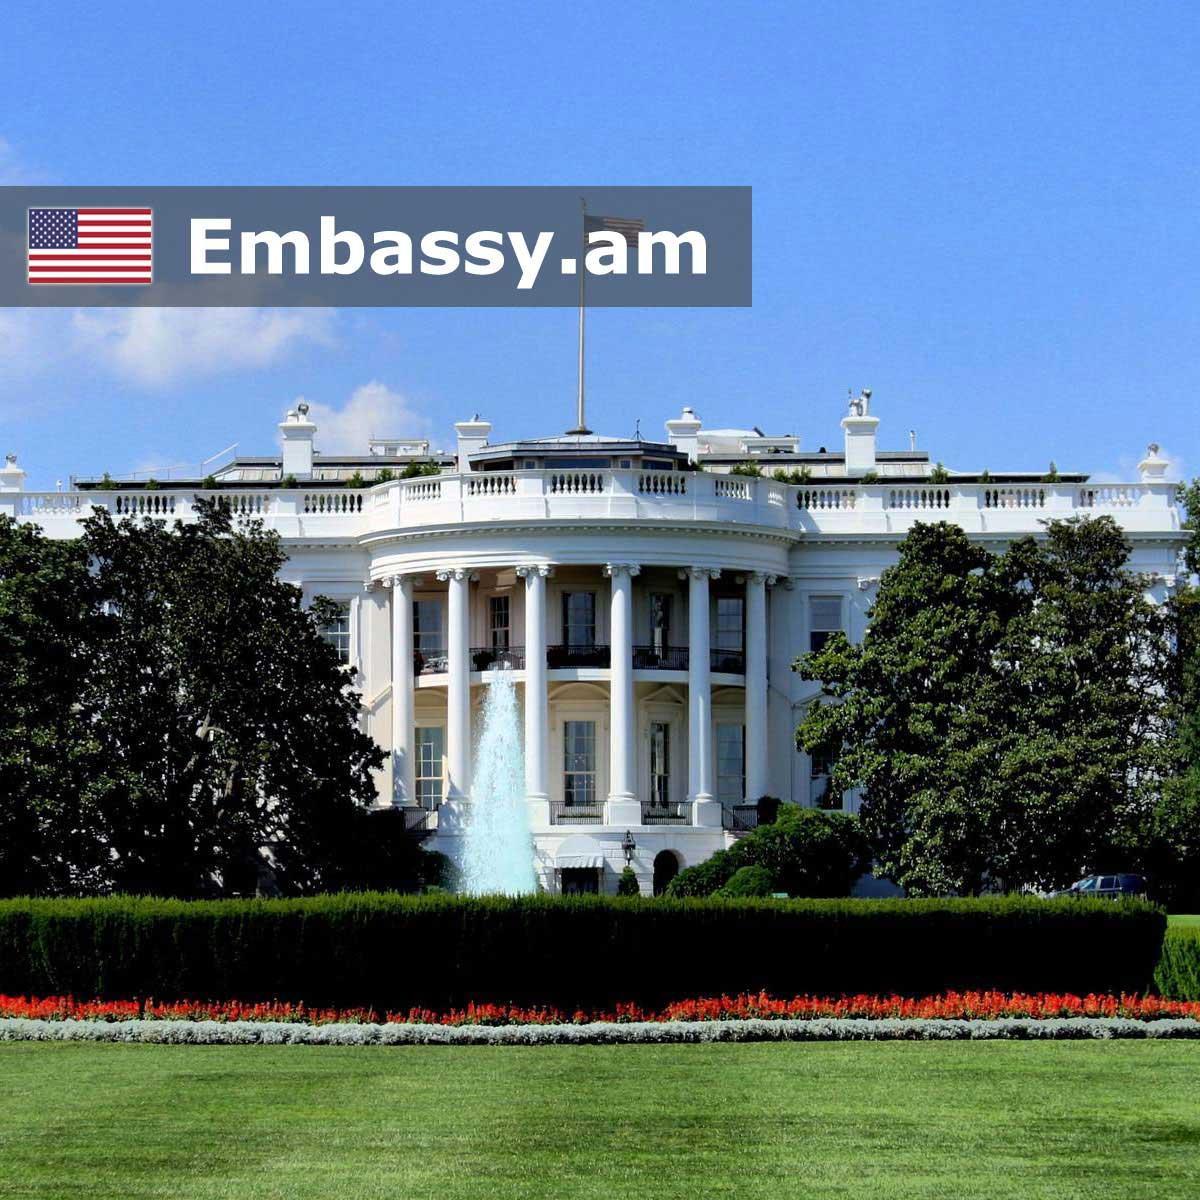 Вашингтон - Отели в США - Embassy.am